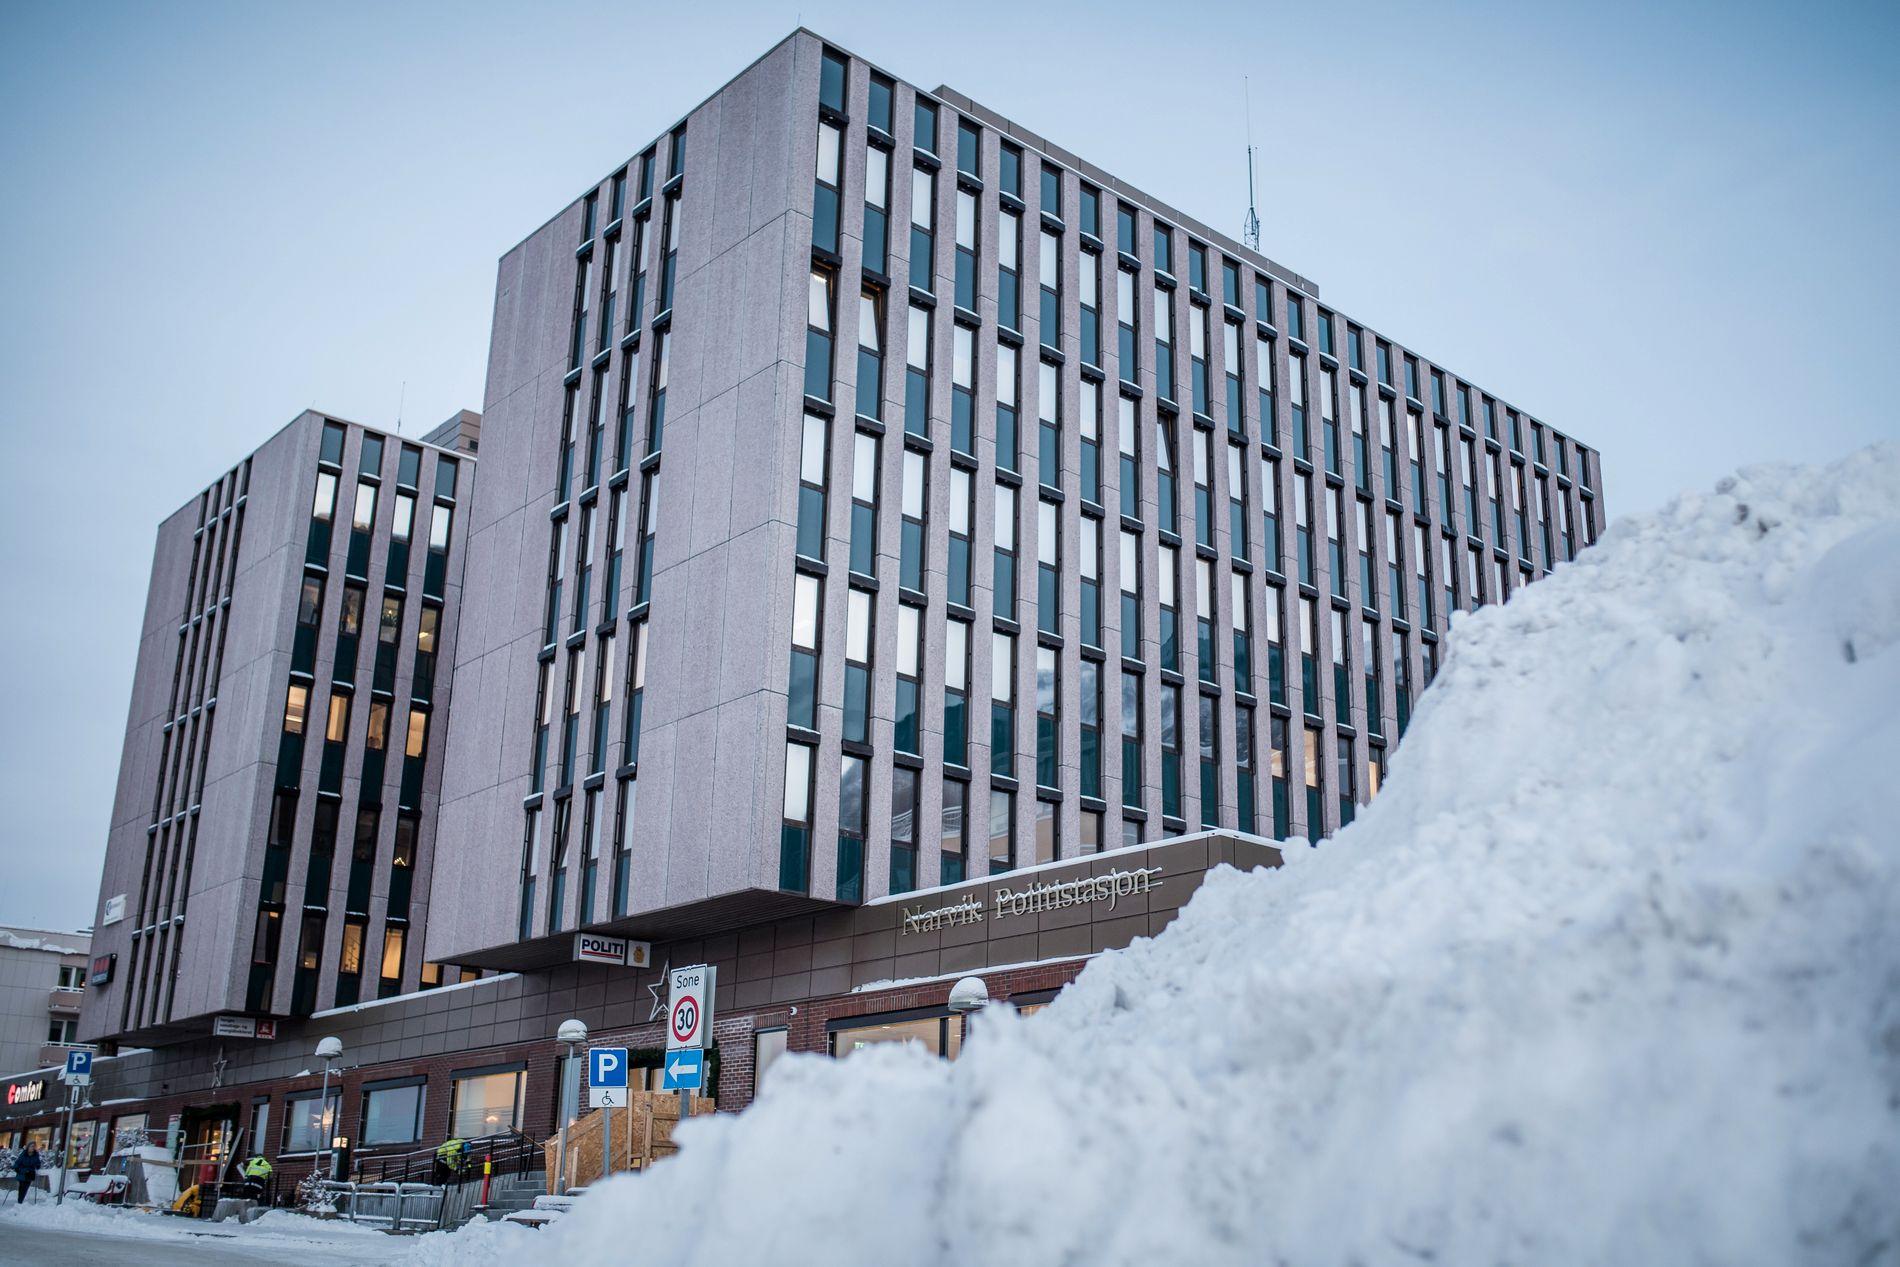 NARVIK: Den omfattende overgrepssaken etterforskes ved Narvik politistasjon. Tilrettelagte avhør av barn foretas ved Barnehuset i Bodø.